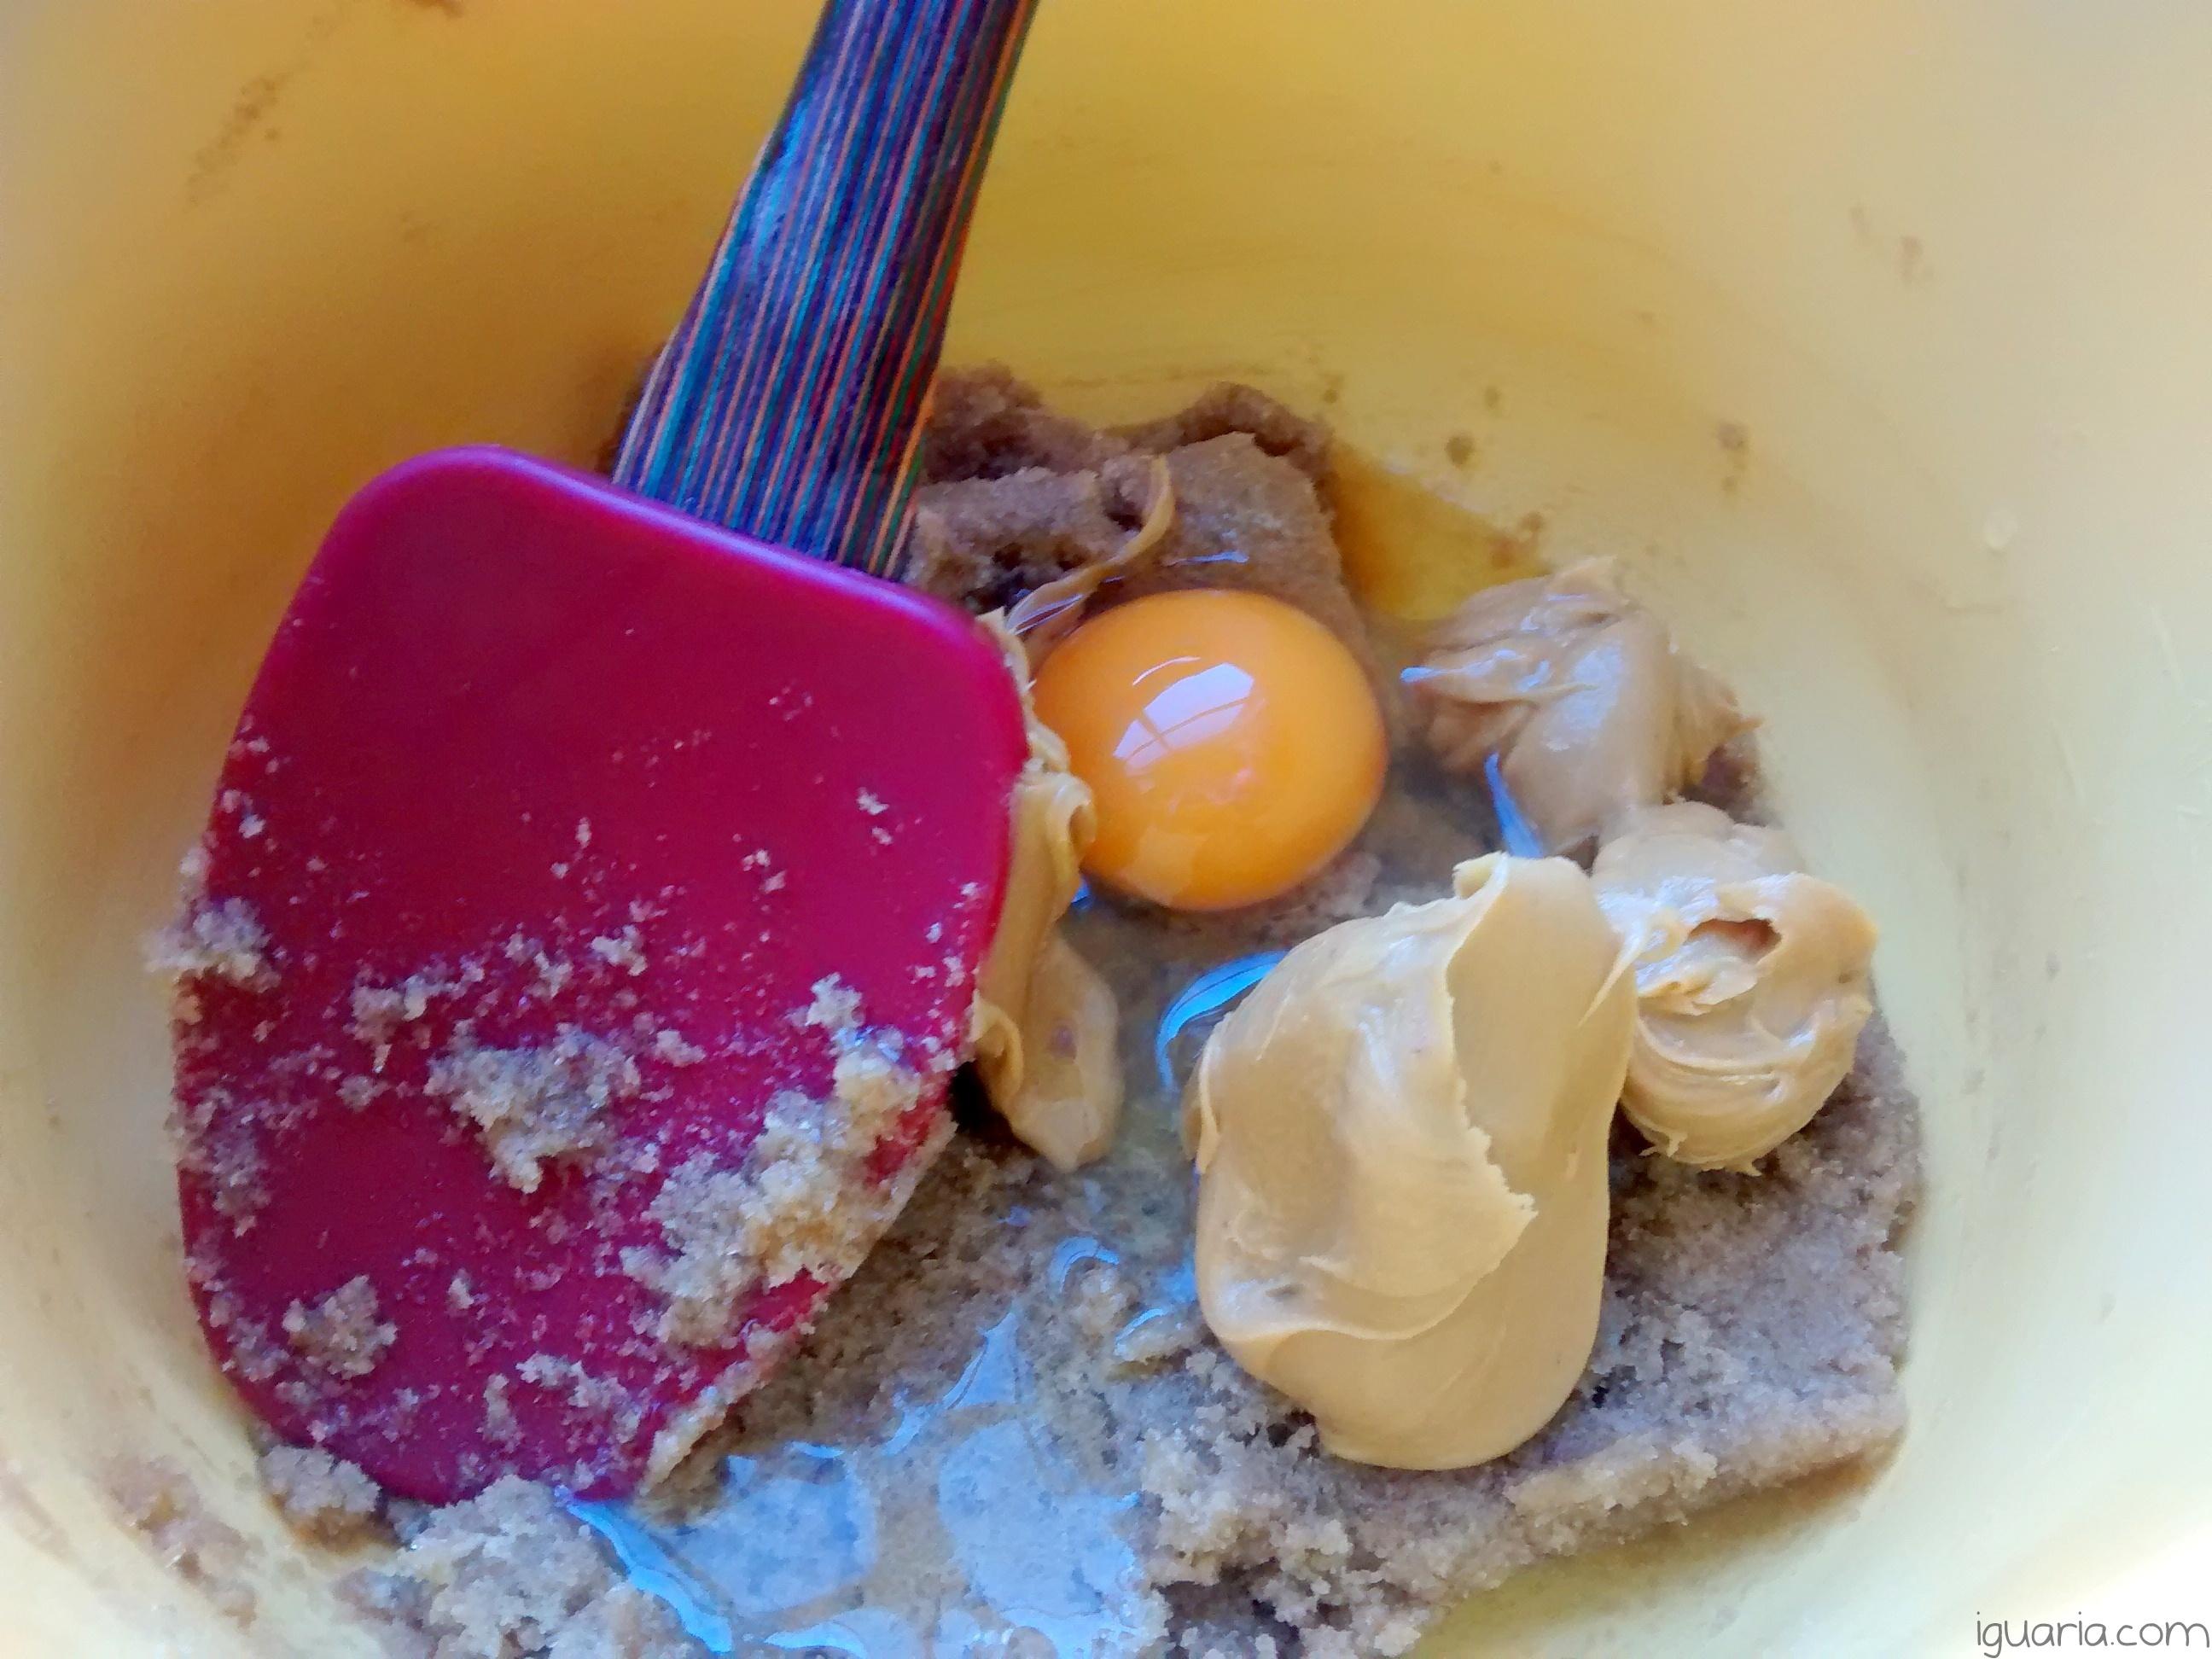 iguaria_juntar-ovo-e-manteiga-de-amendoim